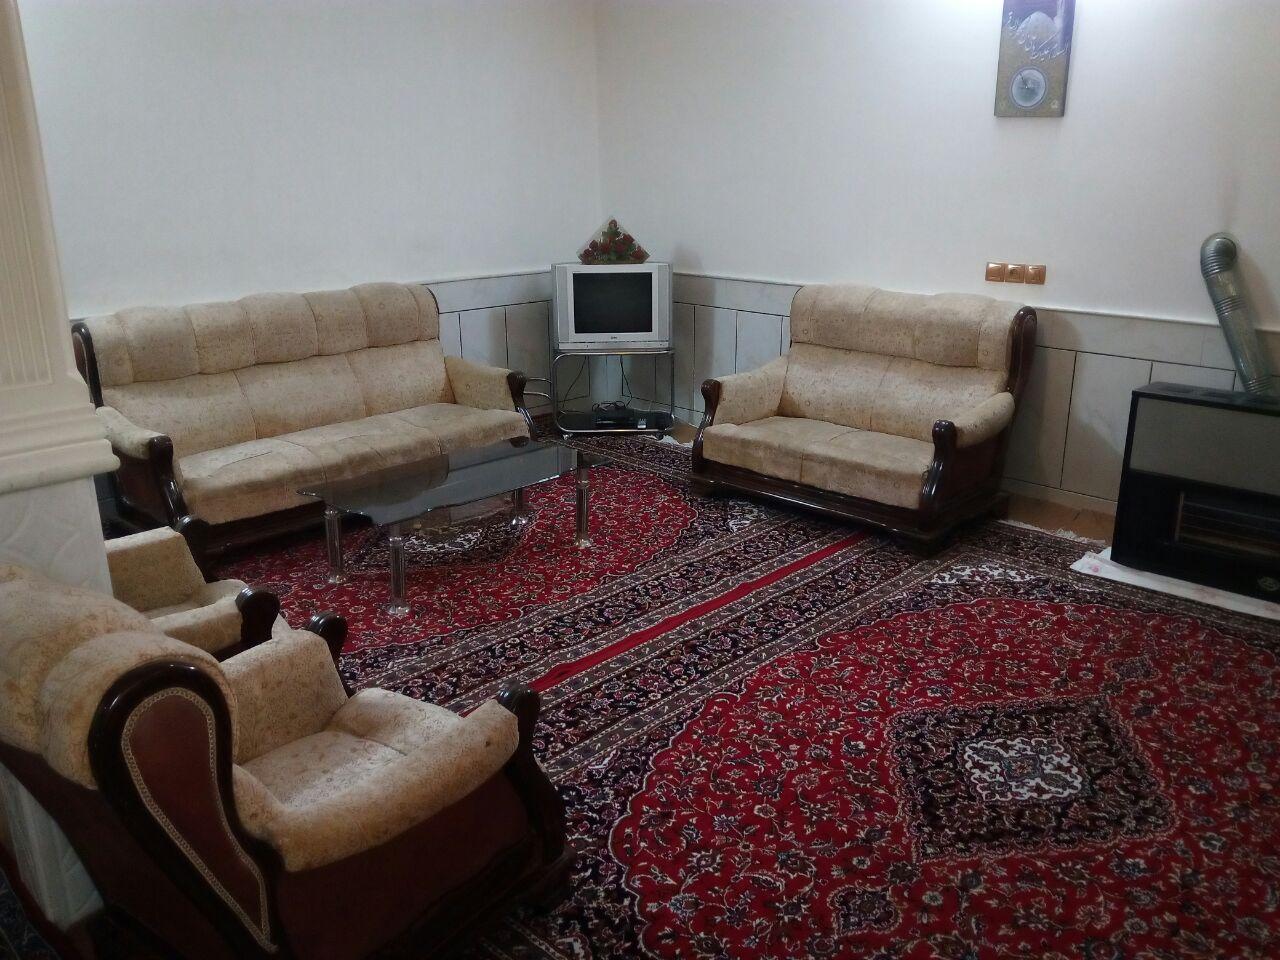 اجاره منزل یک خوابه در کاشان-کد ۱۲۷